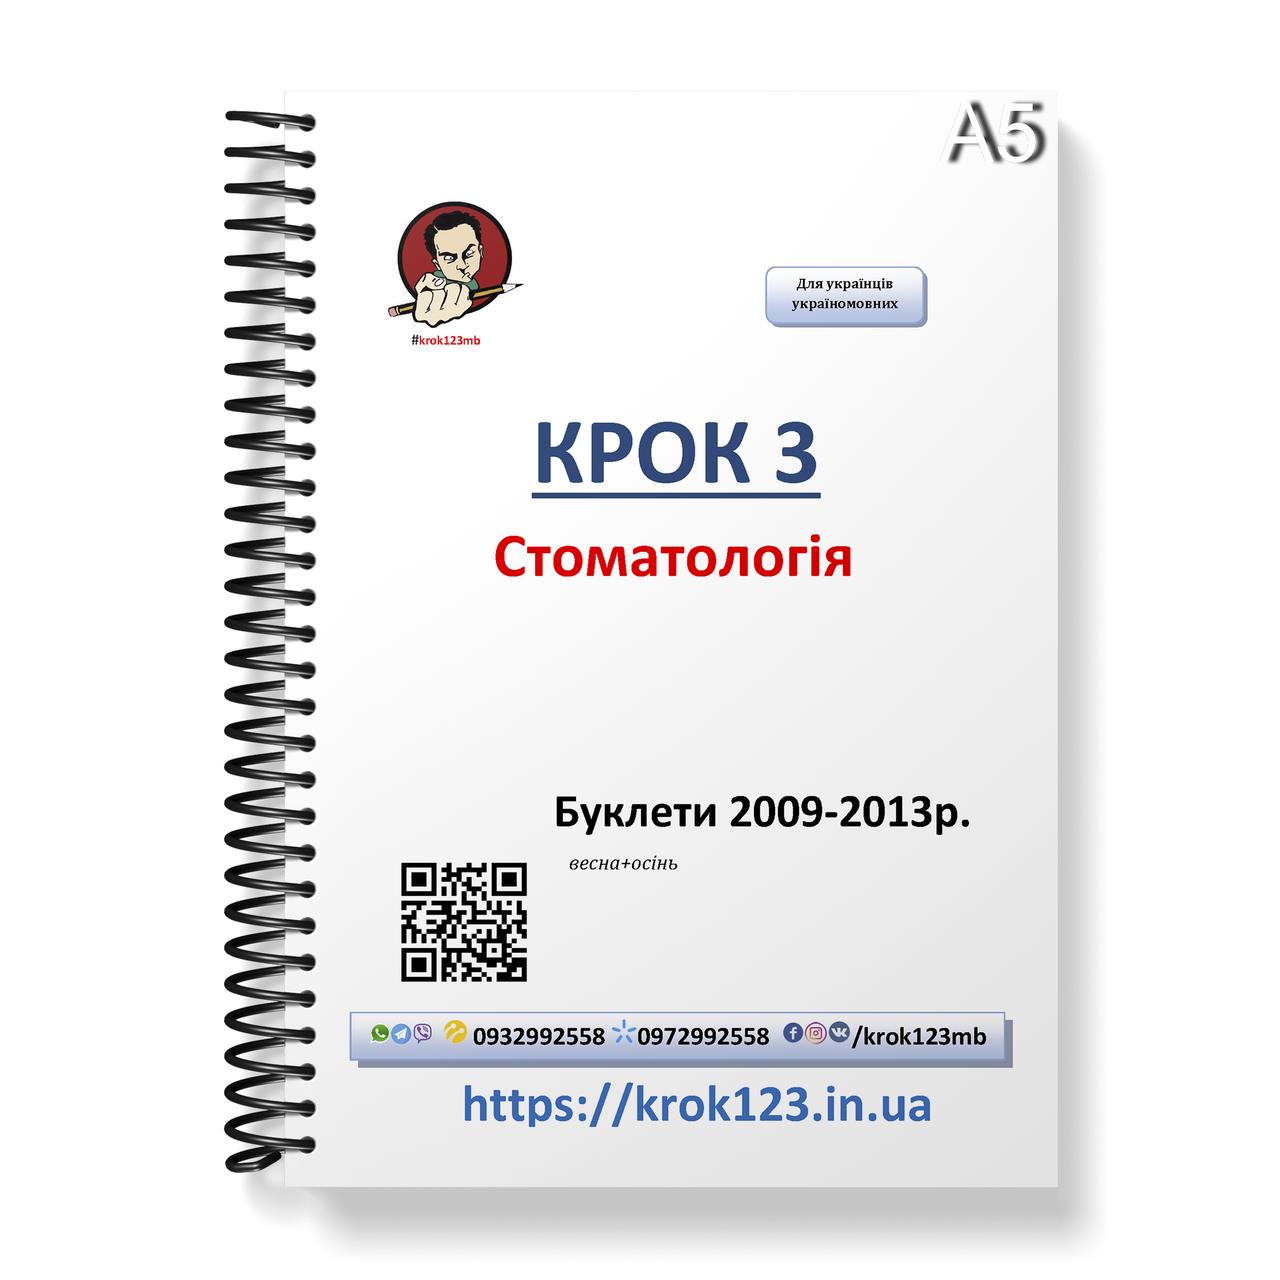 Крок 3. Стоматология. Буклеты 2009-2013 (весна + осень). Для украинцев украиноязычных. Формат А5